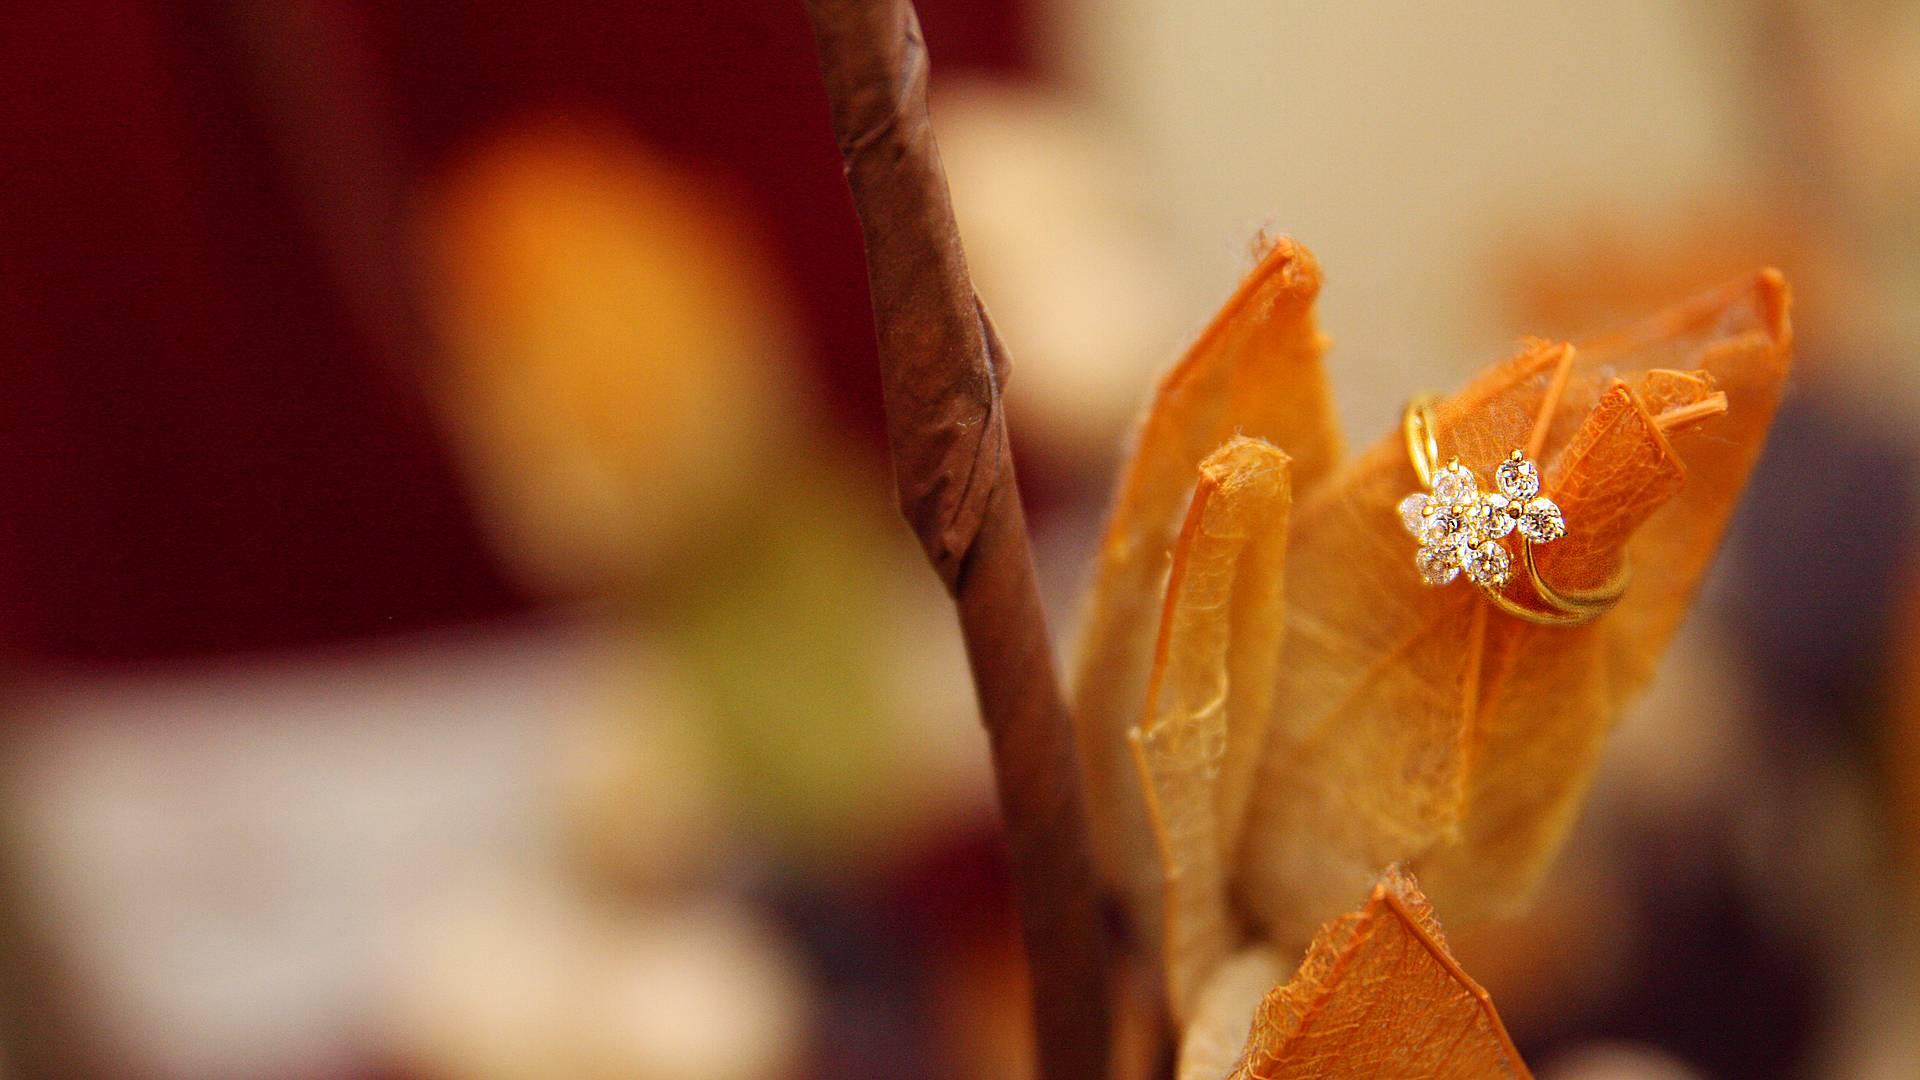 Viaggio di nozze nella terra di Sandokan